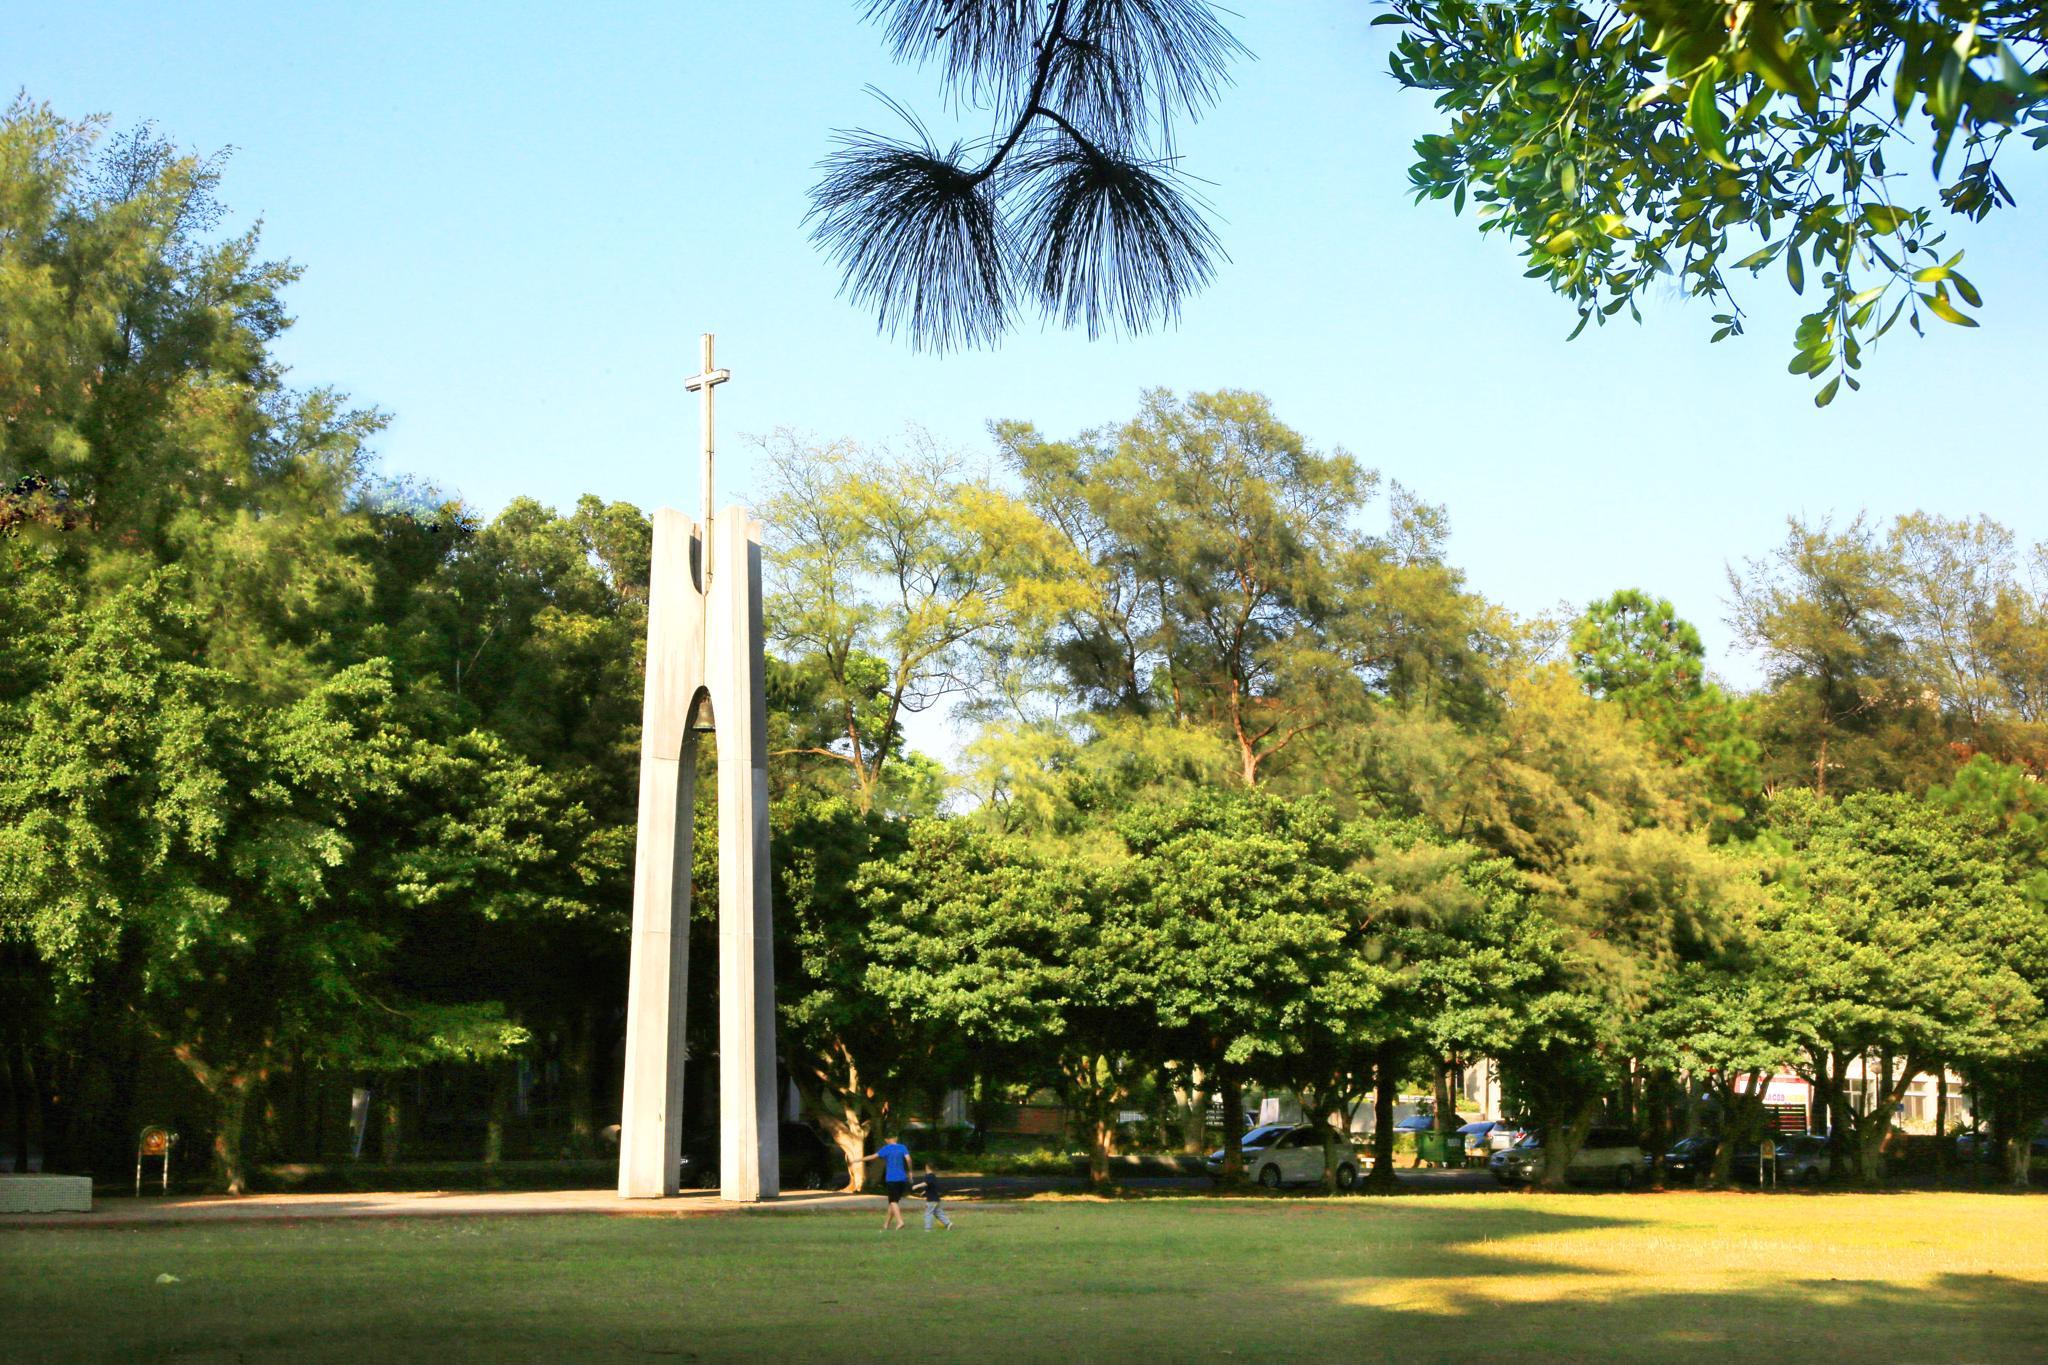 2007企業最愛大學 中原擠下淡江居私校首位